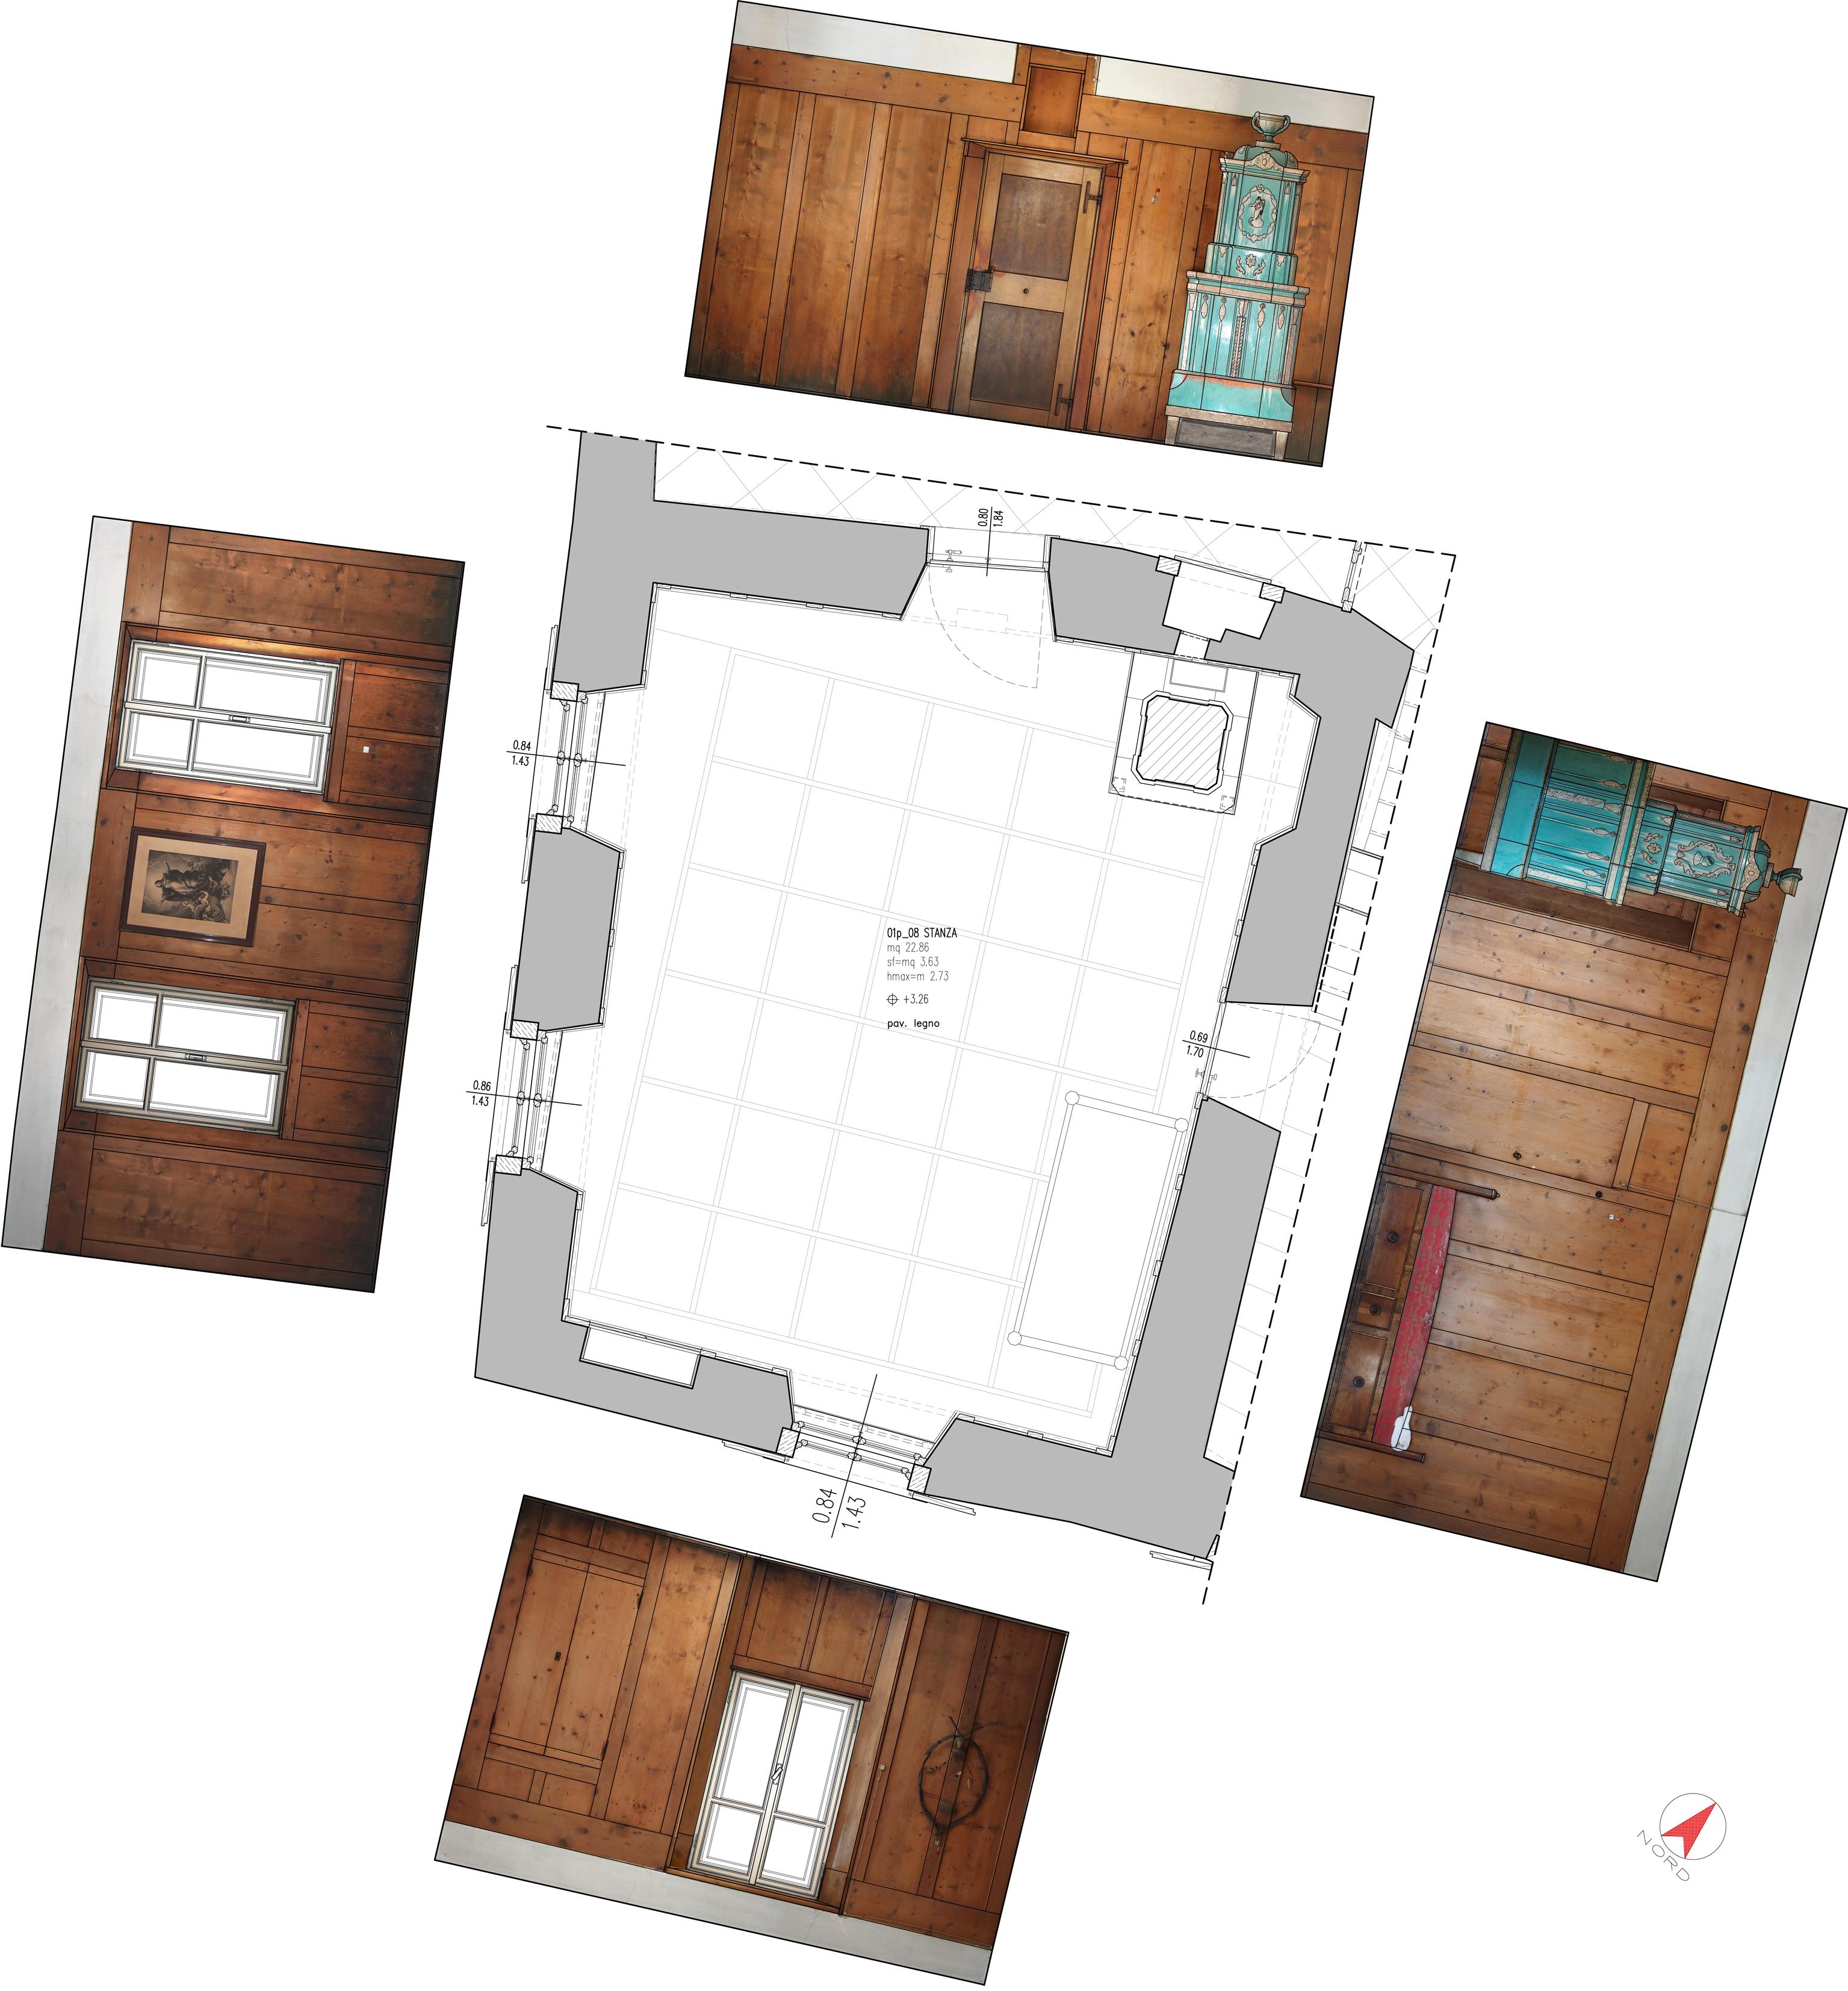 Prospetti interni stanza a primo piano